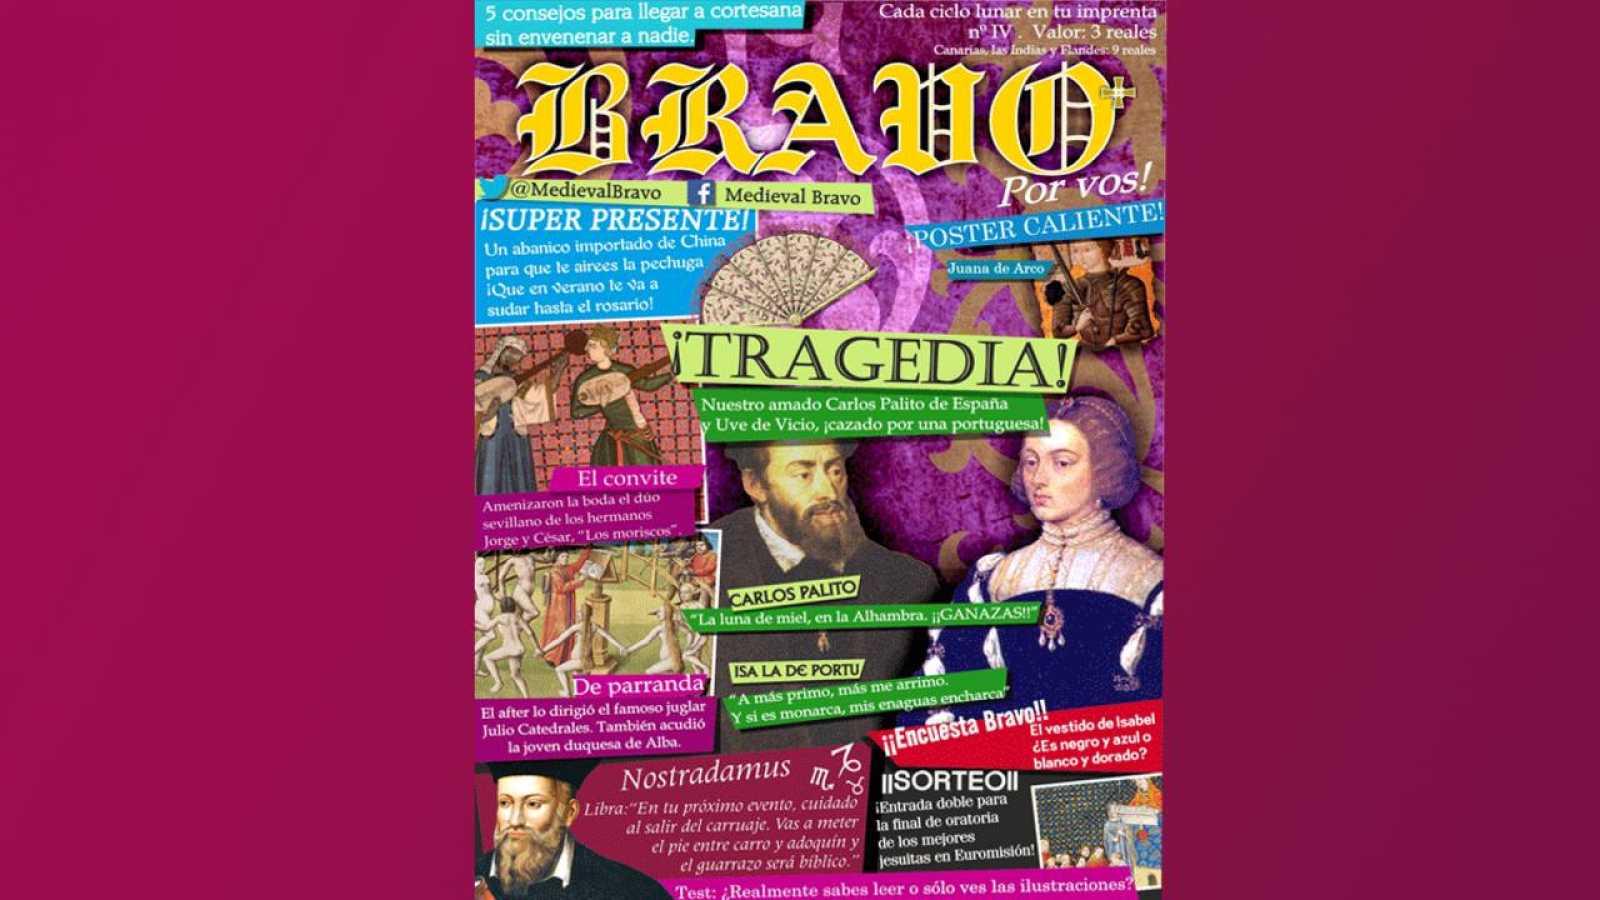 Medieval Bravo: La exclusiva de la boda de Carlos V e Isabel de Portugal